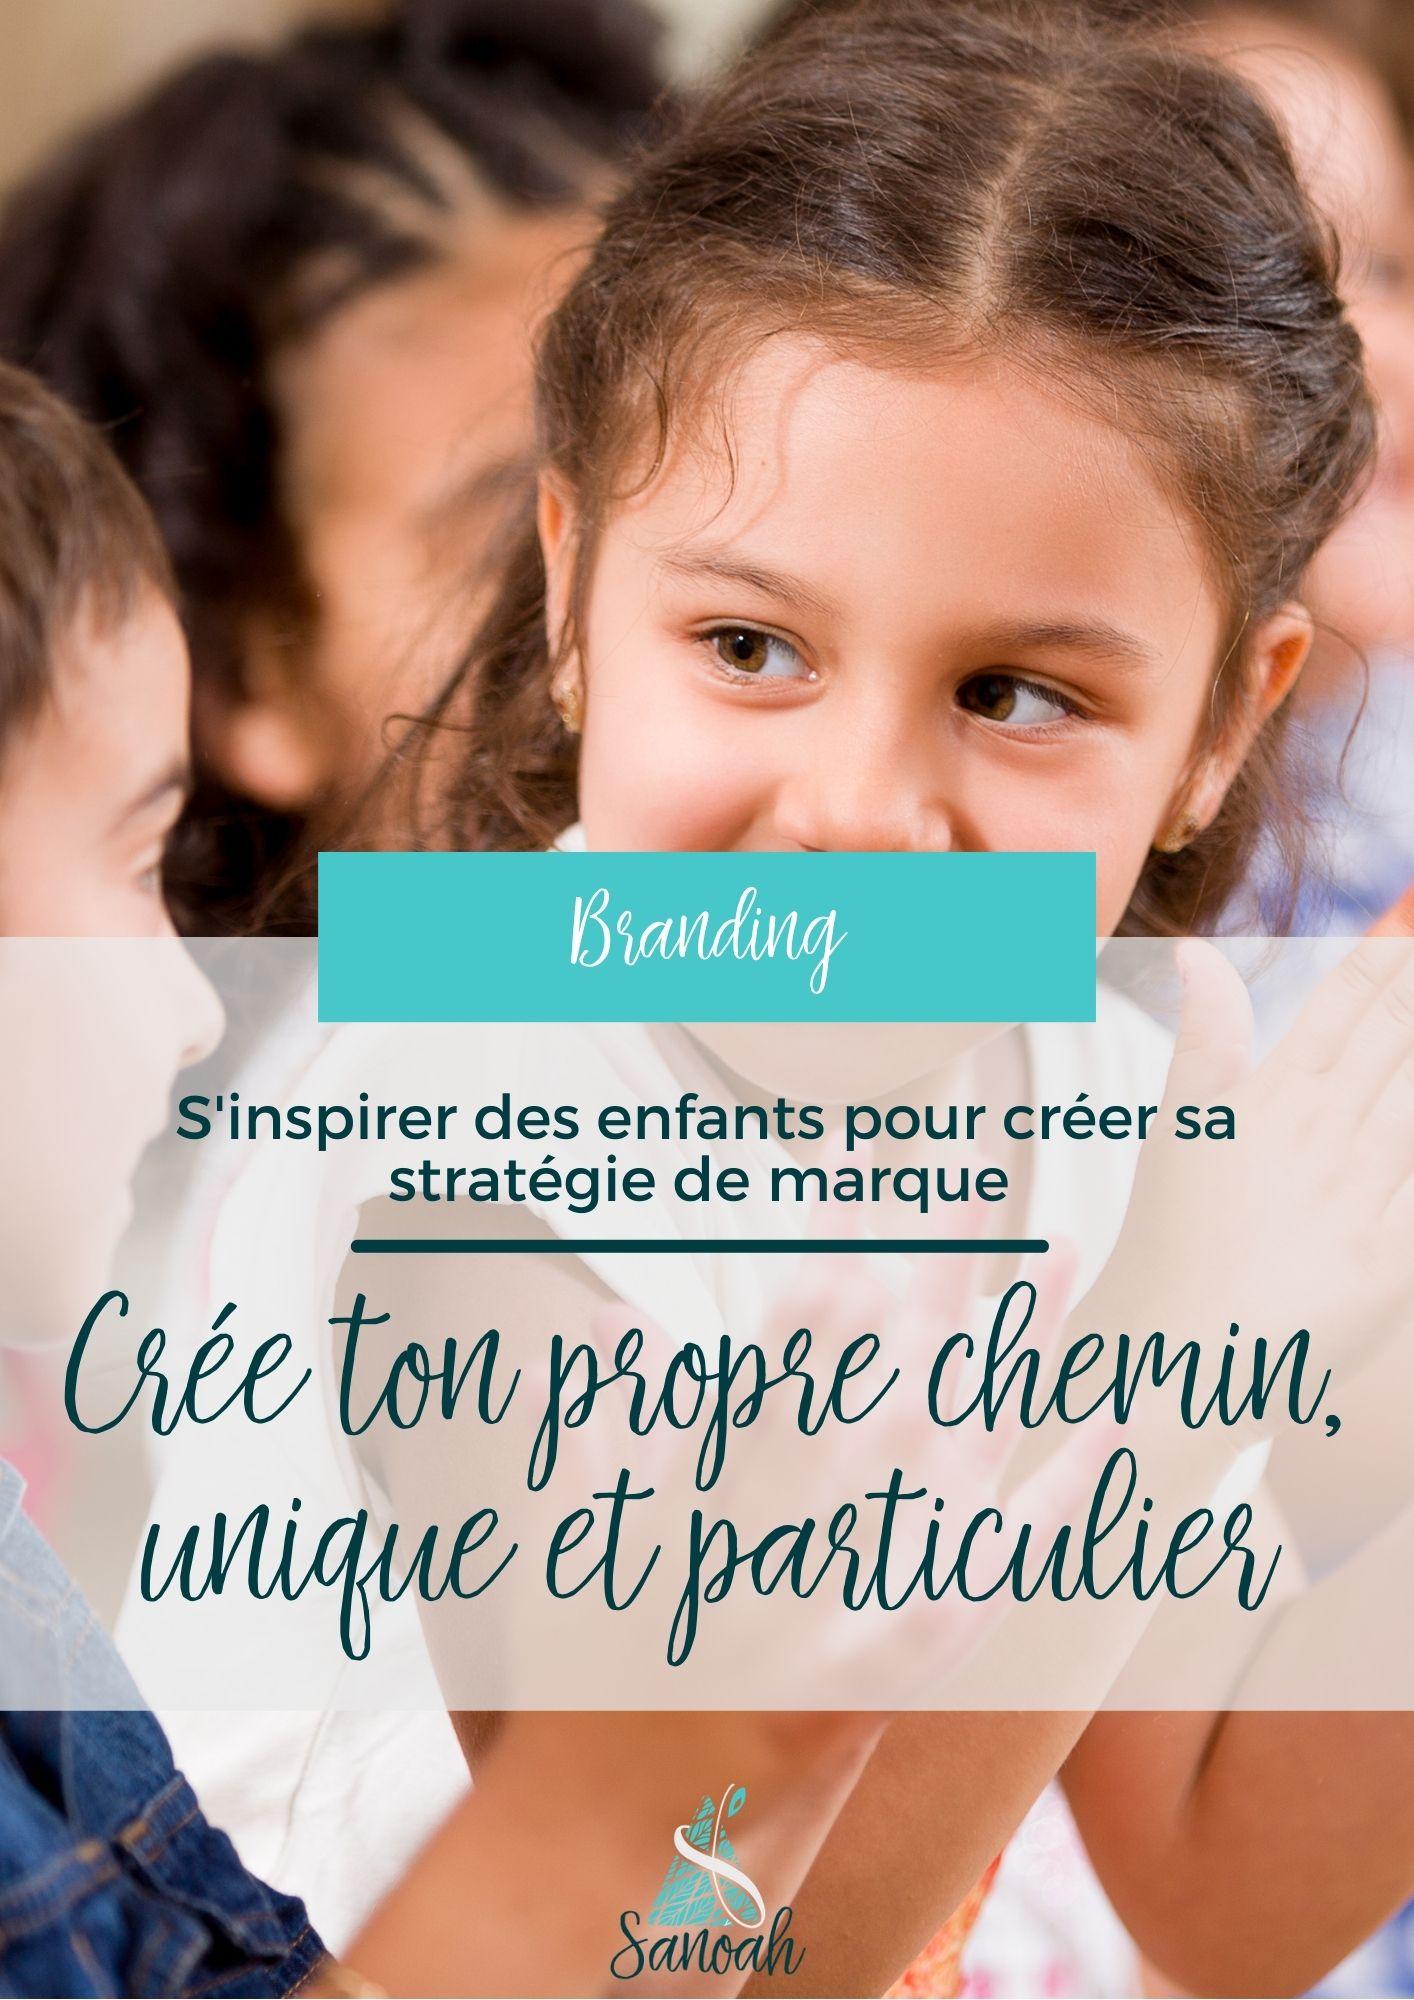 S'inspirer des enfants pour créer sa stratégie de marque _ crées ton propre chemin, unique et particulier